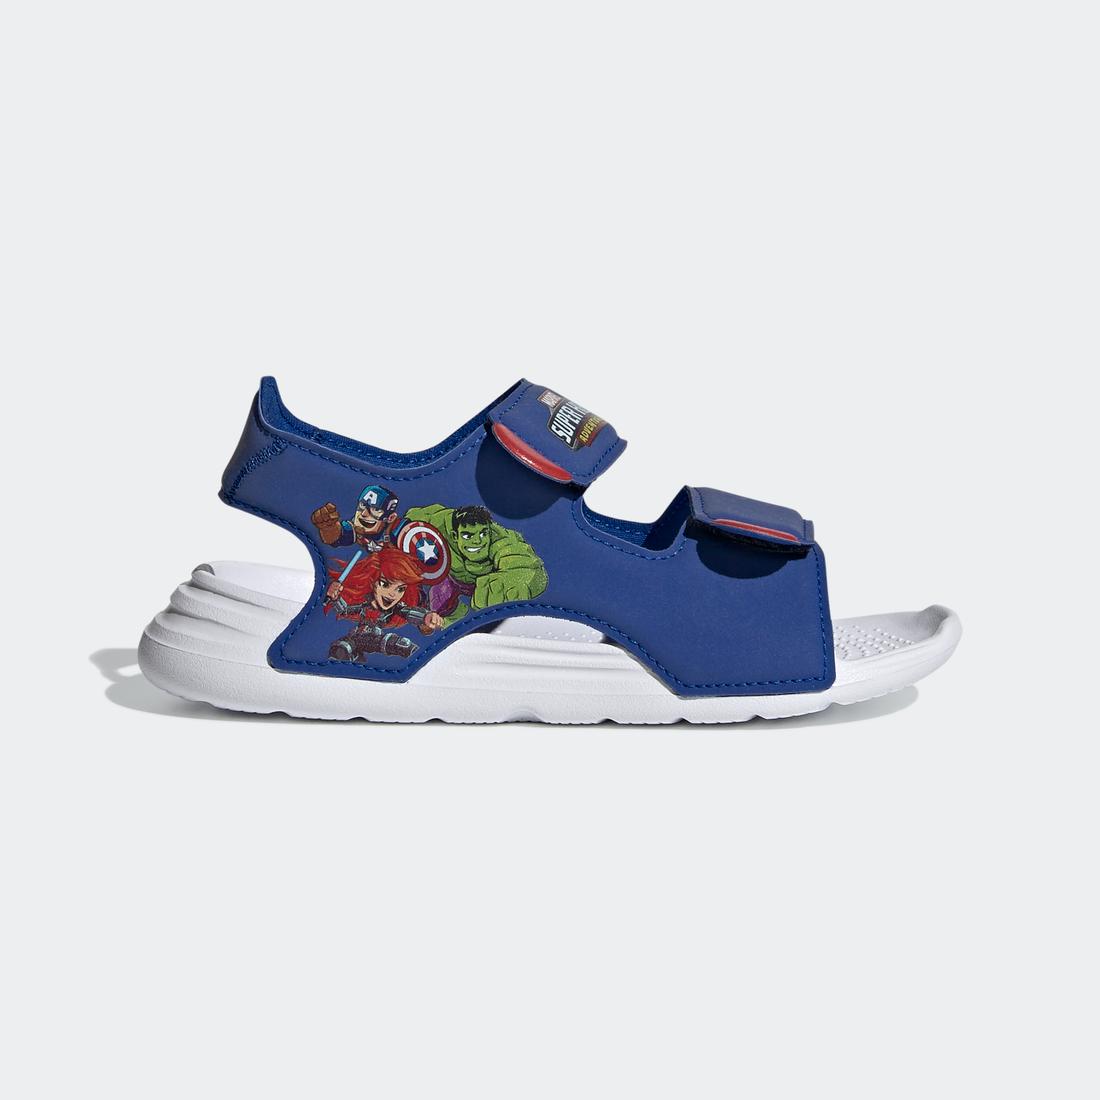 アディダス adidas スイム サンダル / Swim Sandals (ブルー)